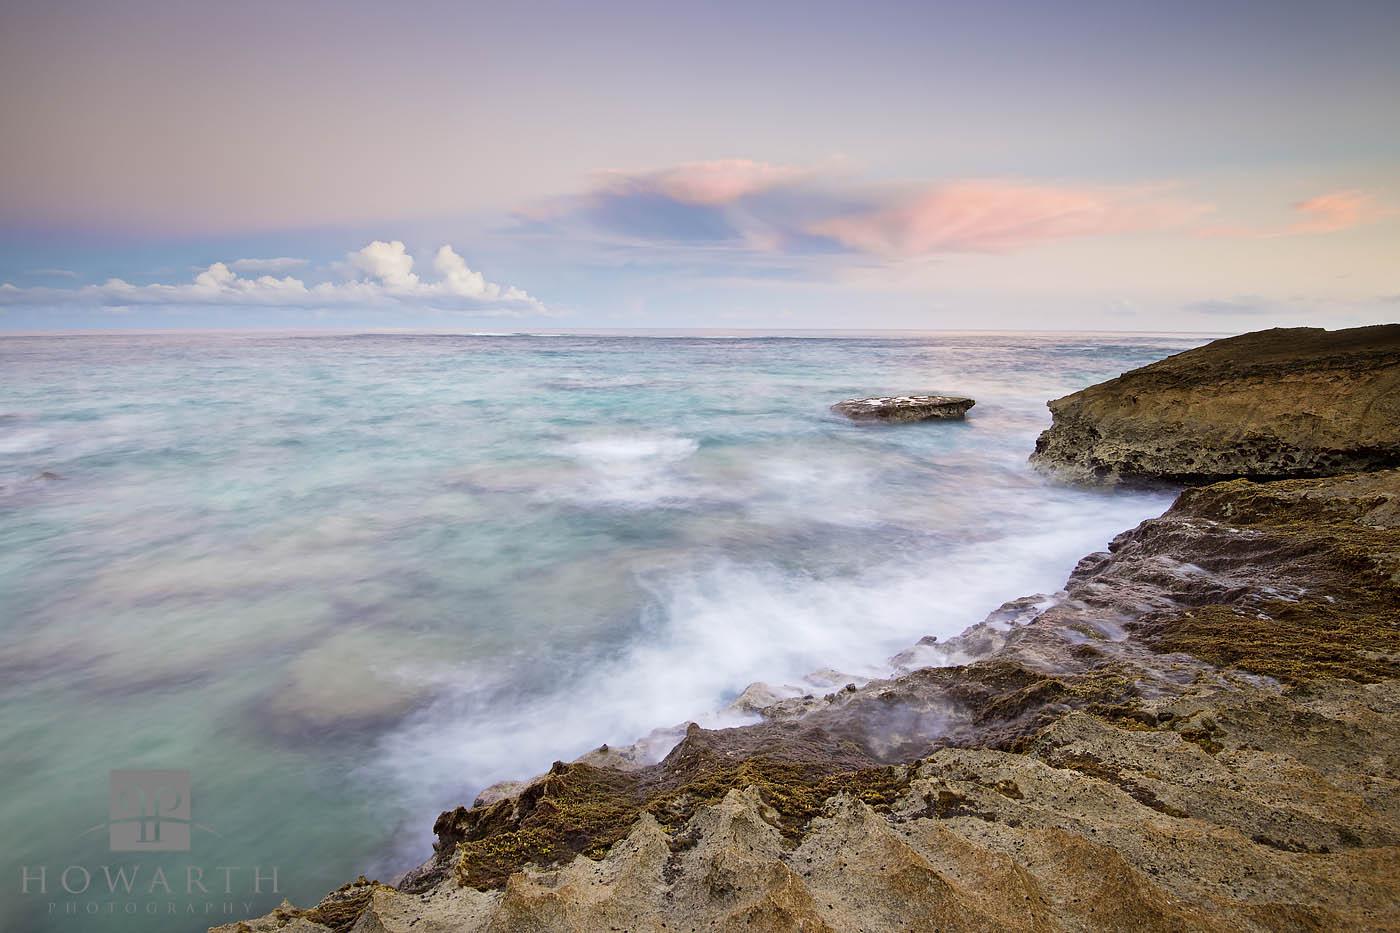 rocks, wave, crashing, spittal, pond, smiths, shoreline, photo